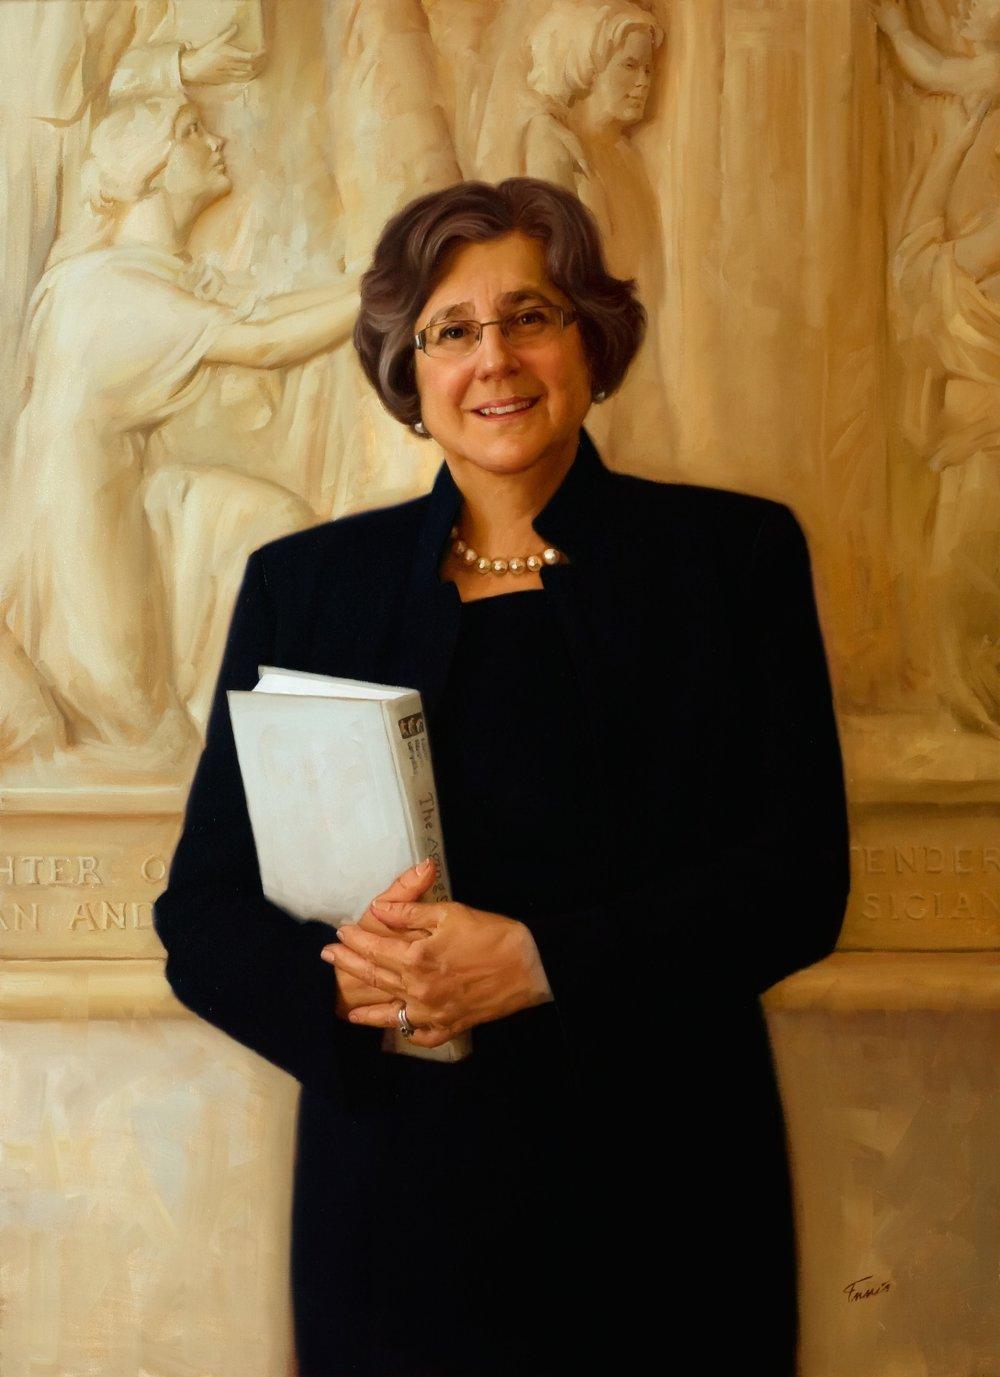 Dr. Barbara Schindler